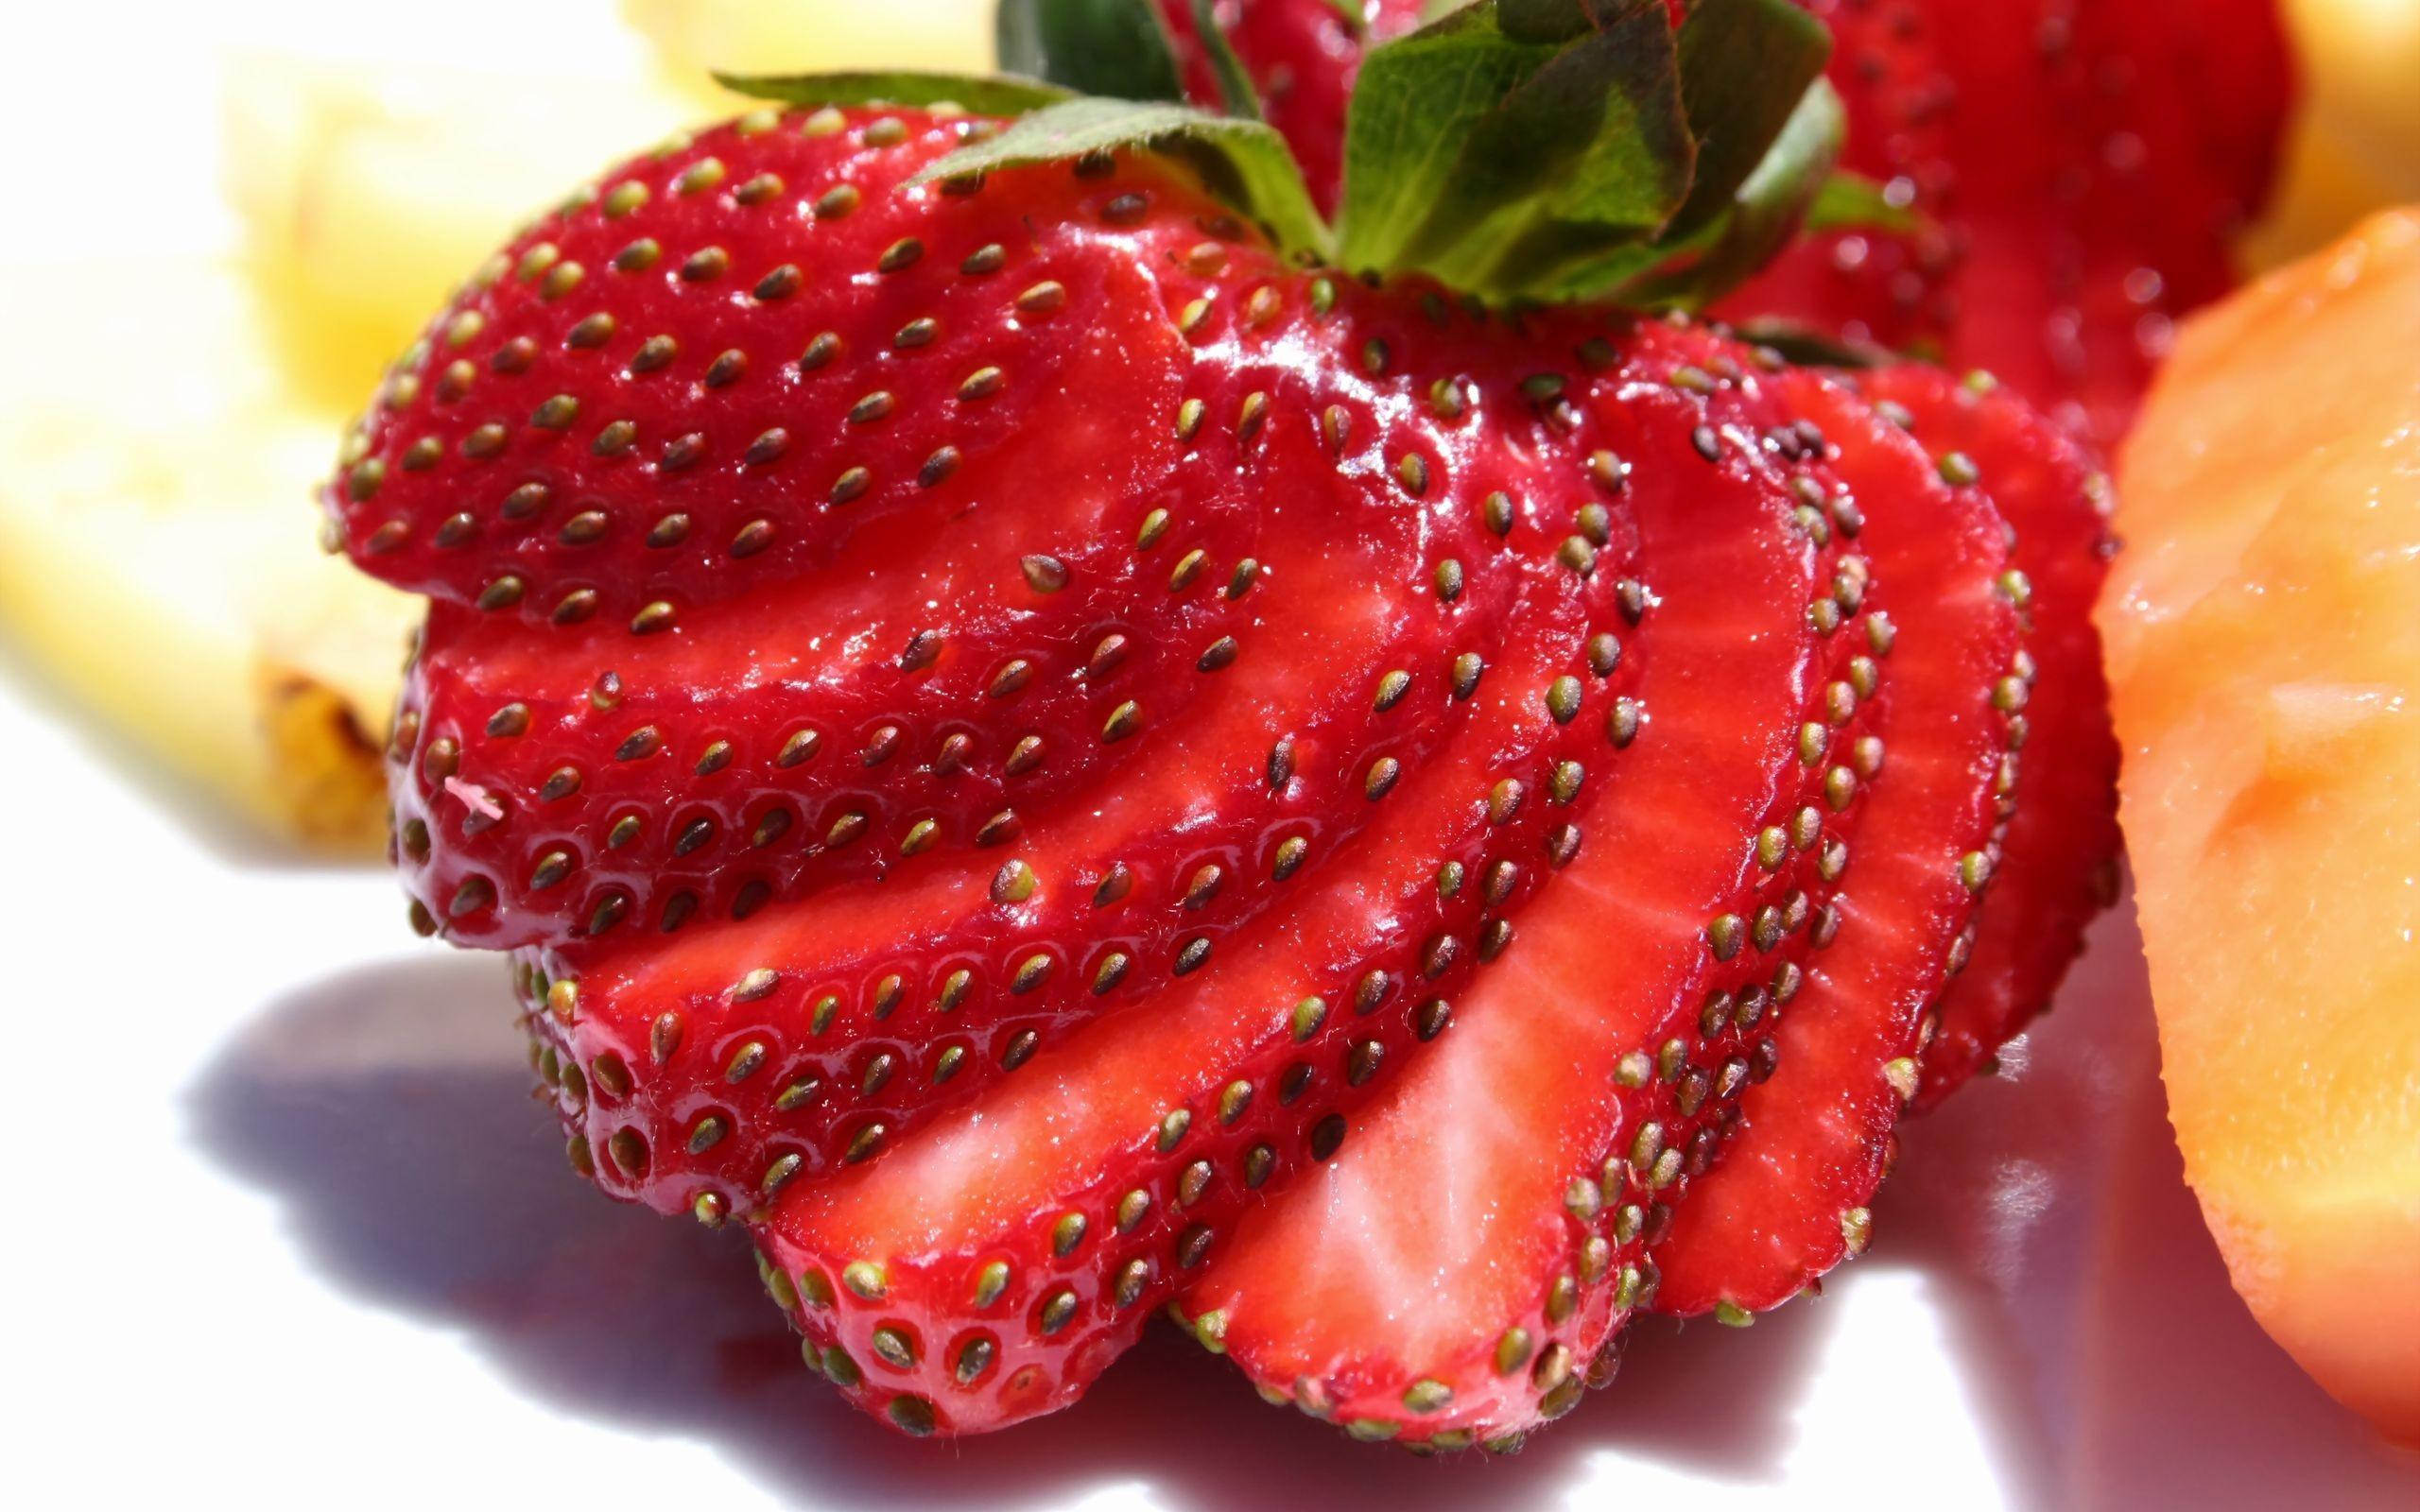 cute strawberries wallpaper 38838